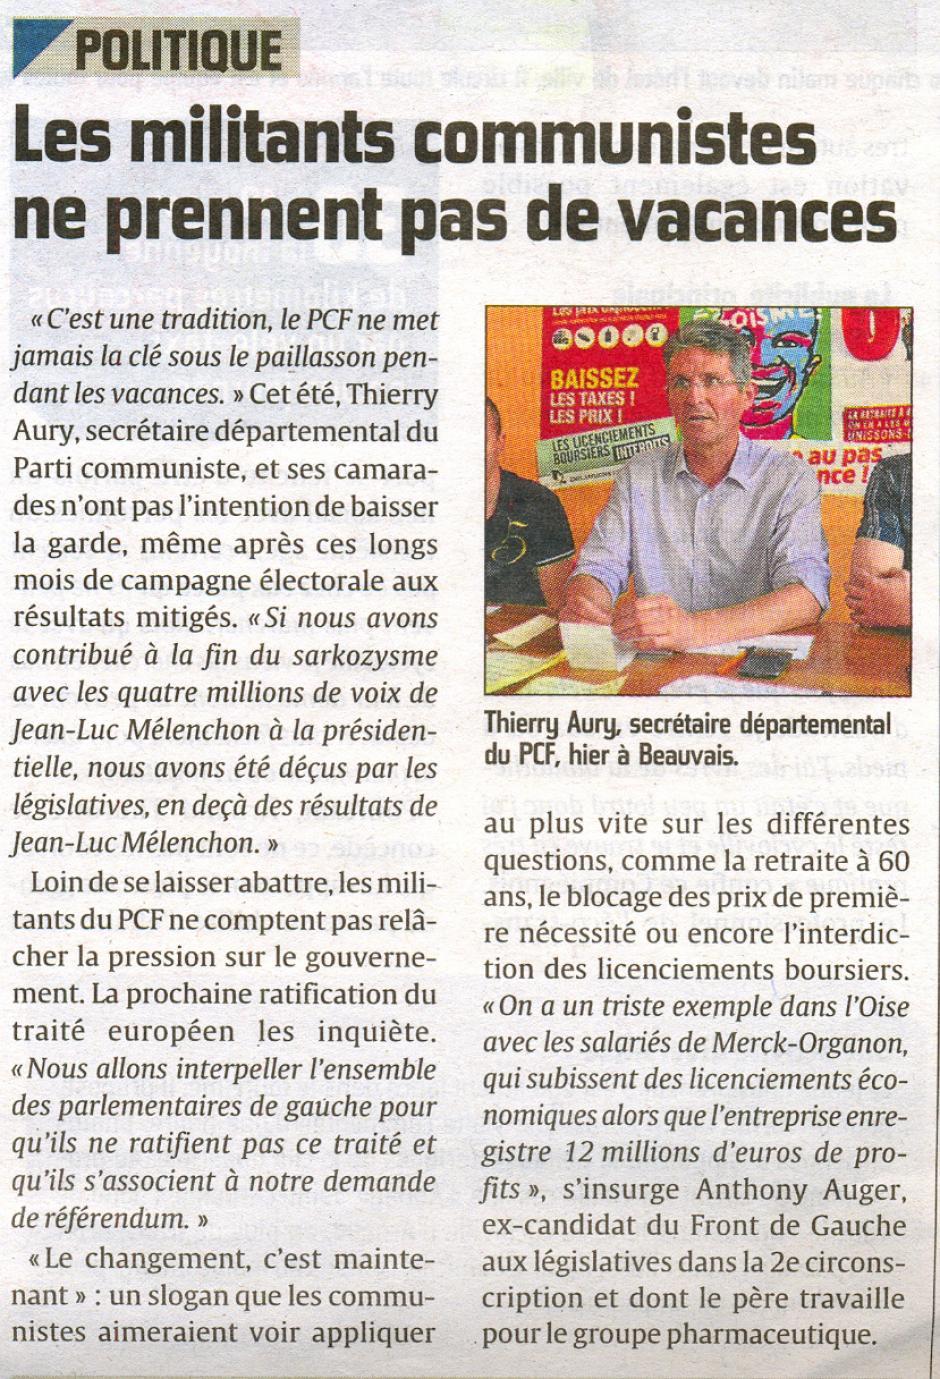 20120713-CP-Oise-Les militants communistes ne prennent pas de vacances